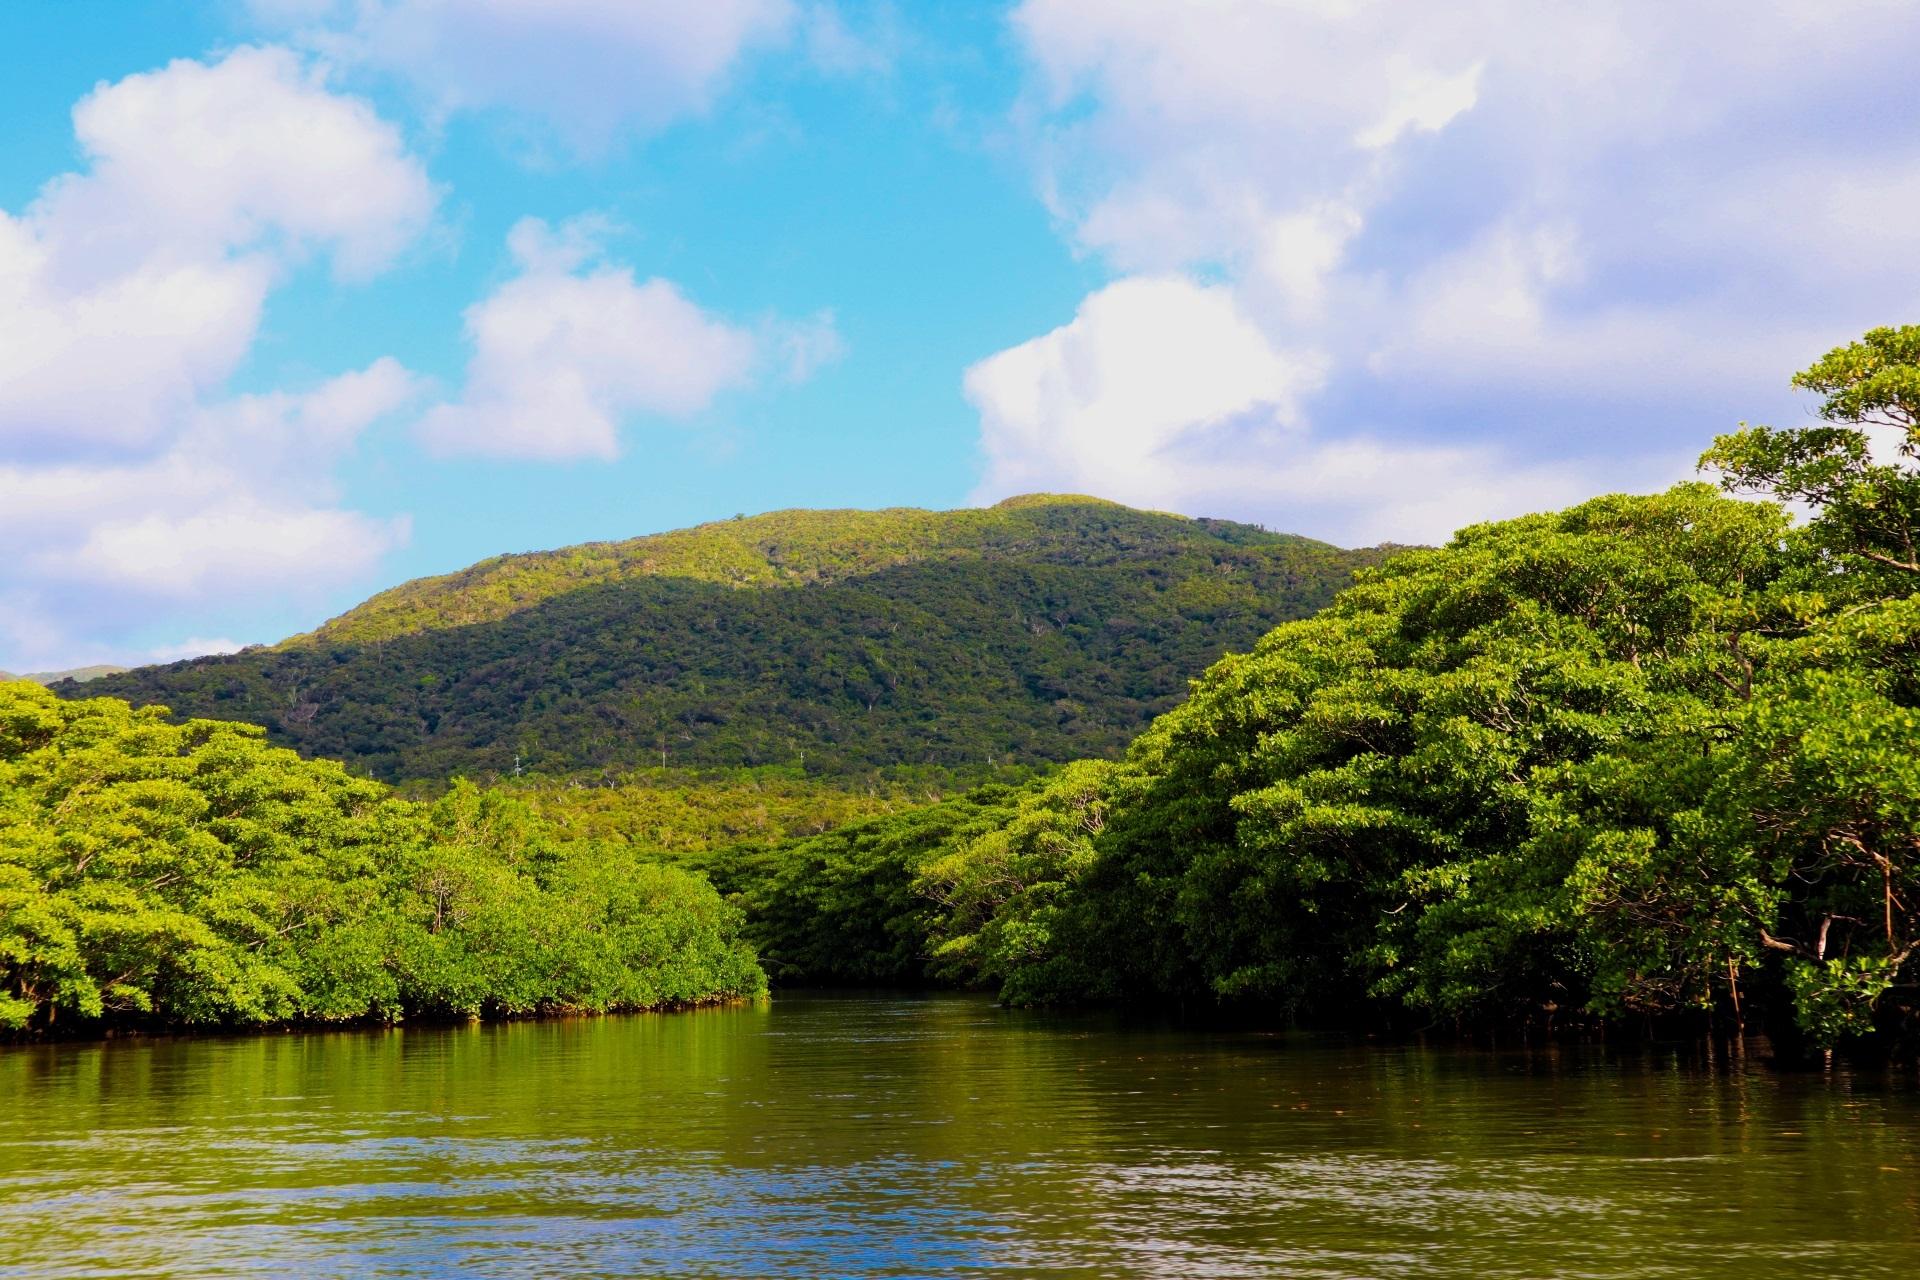 世界遺産登録日本 奄美大島徳之島沖島北部及び西表島